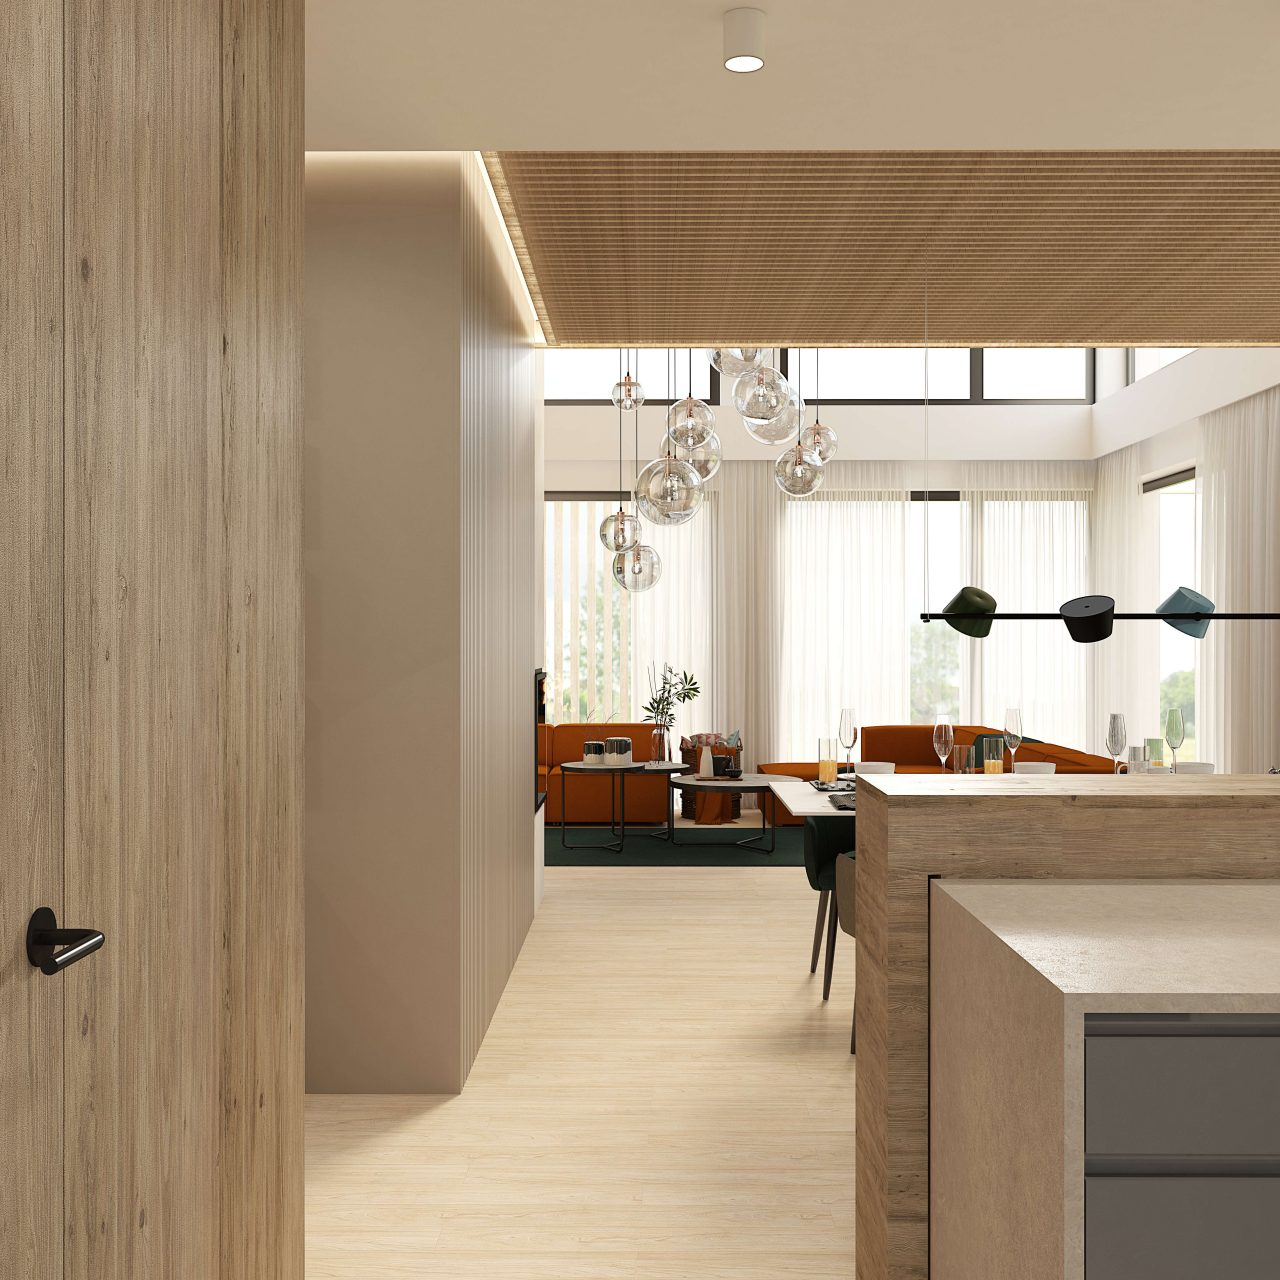 kompleksowy projekt domu pracownia14